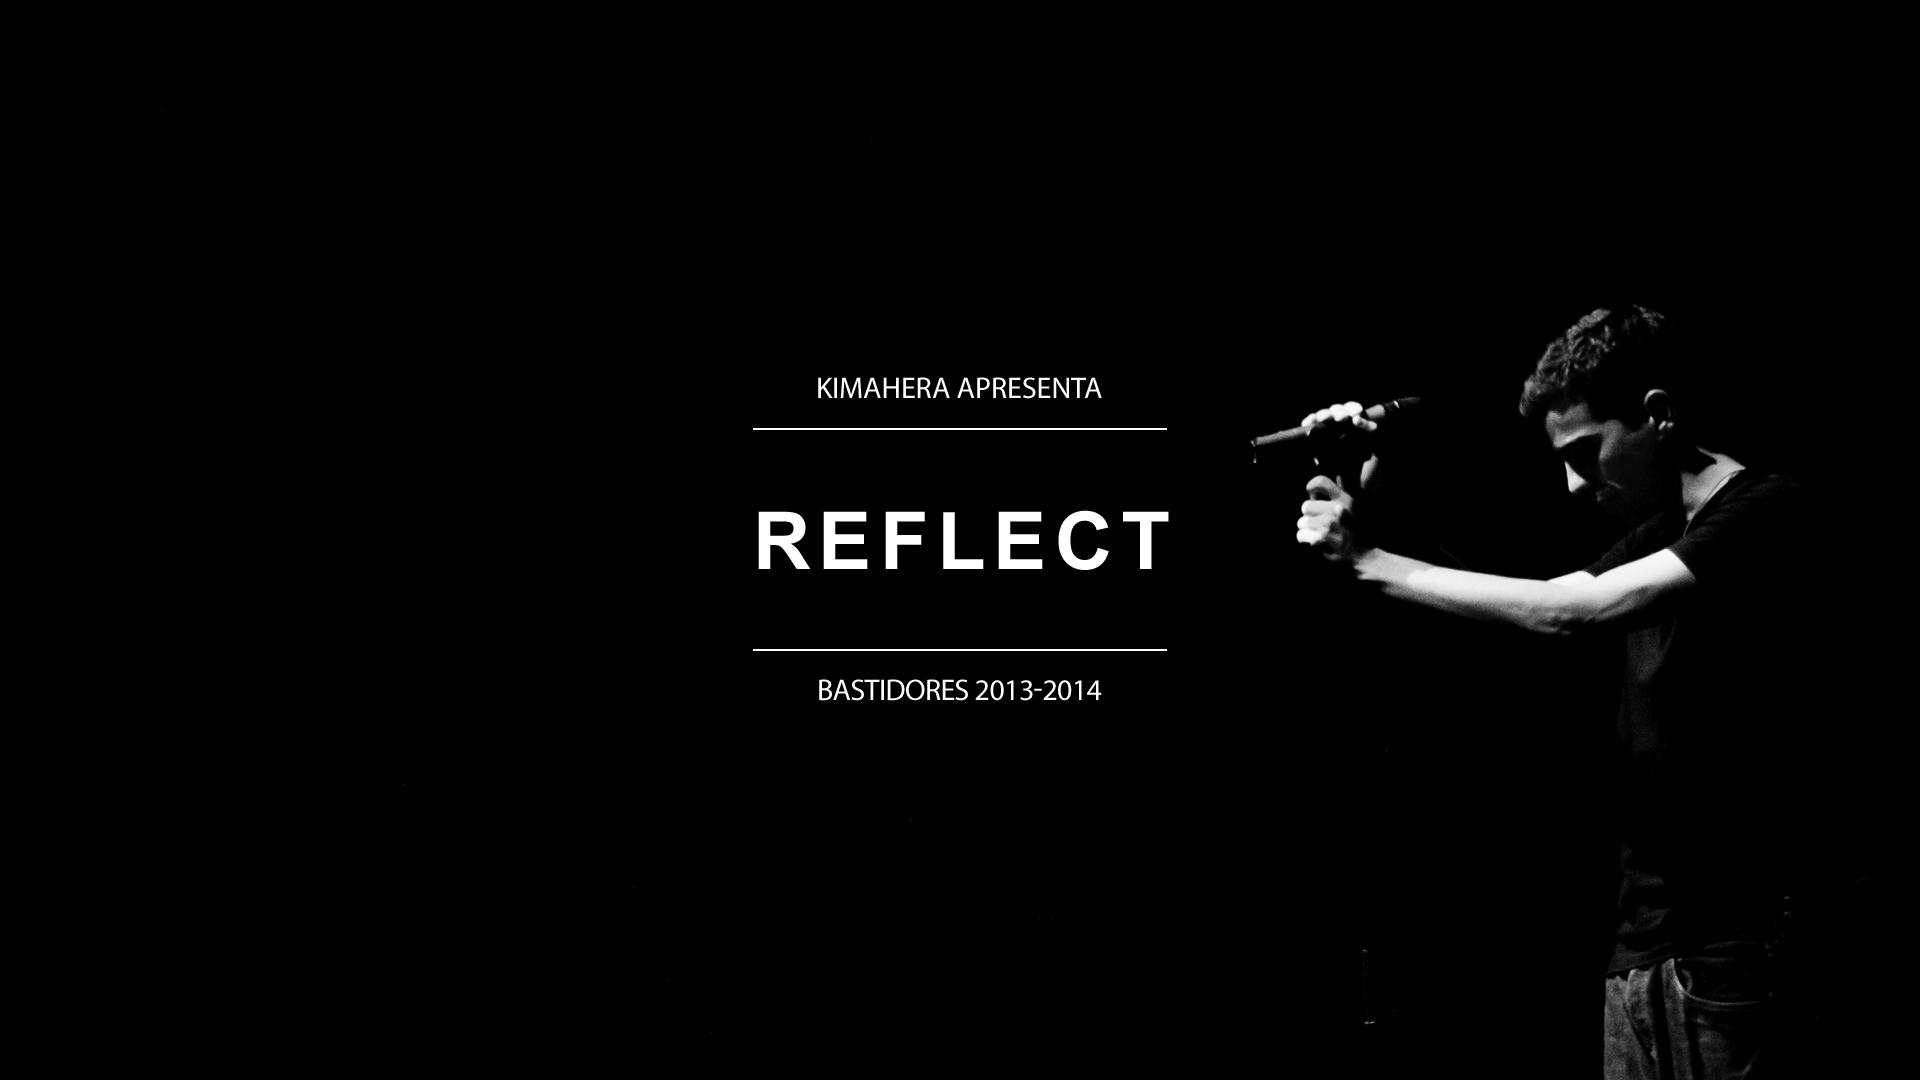 Reflect - Bastidores 2013-2014 (Documentário)